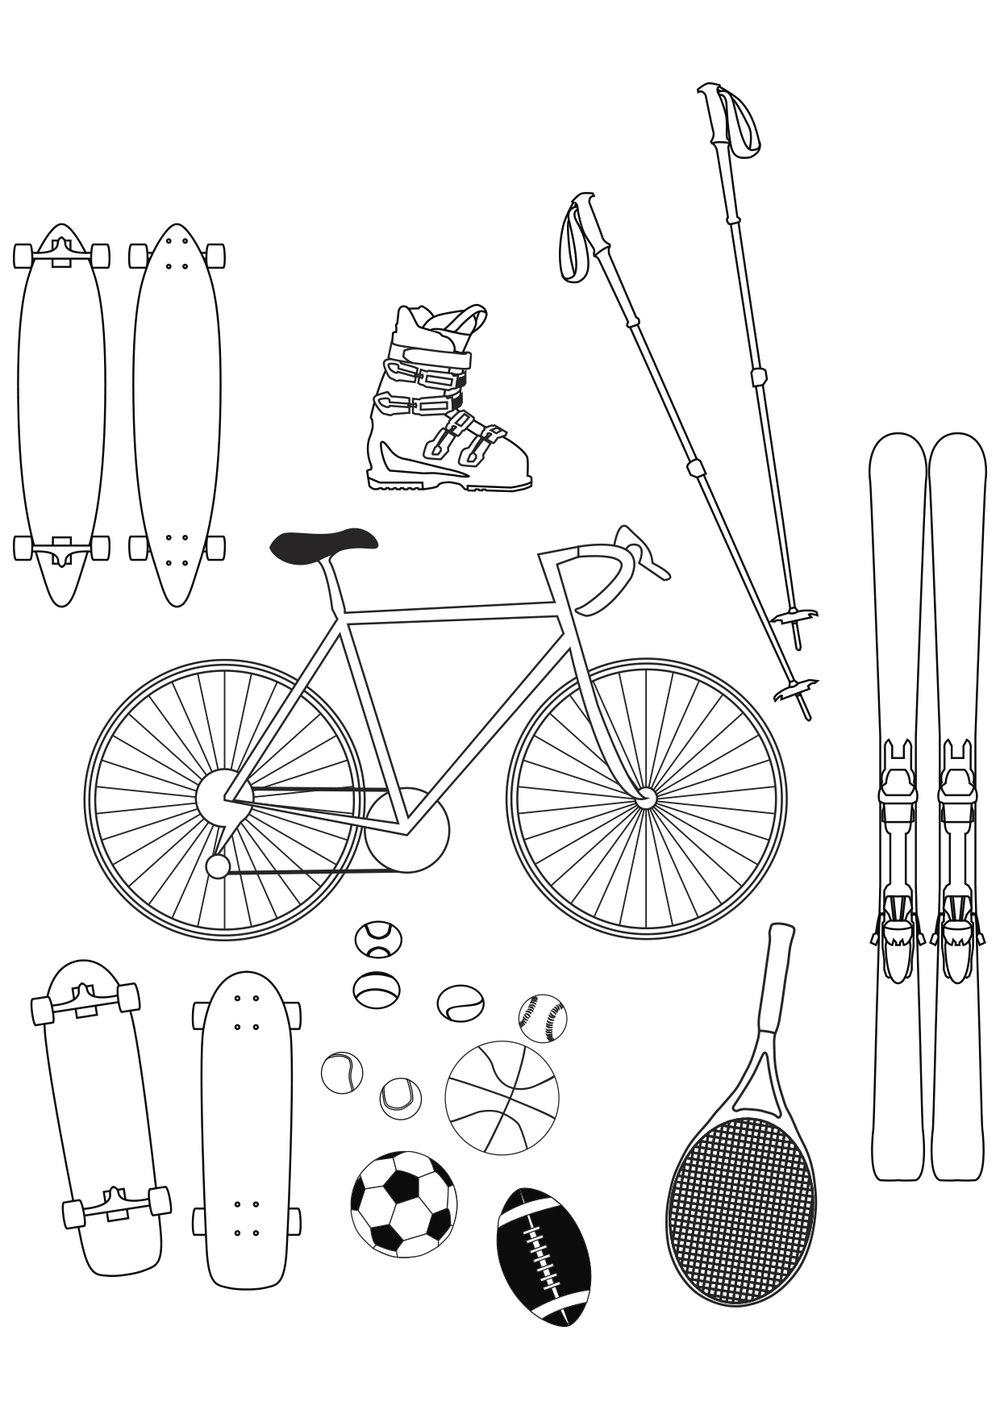 illustrations for website_4.jpg